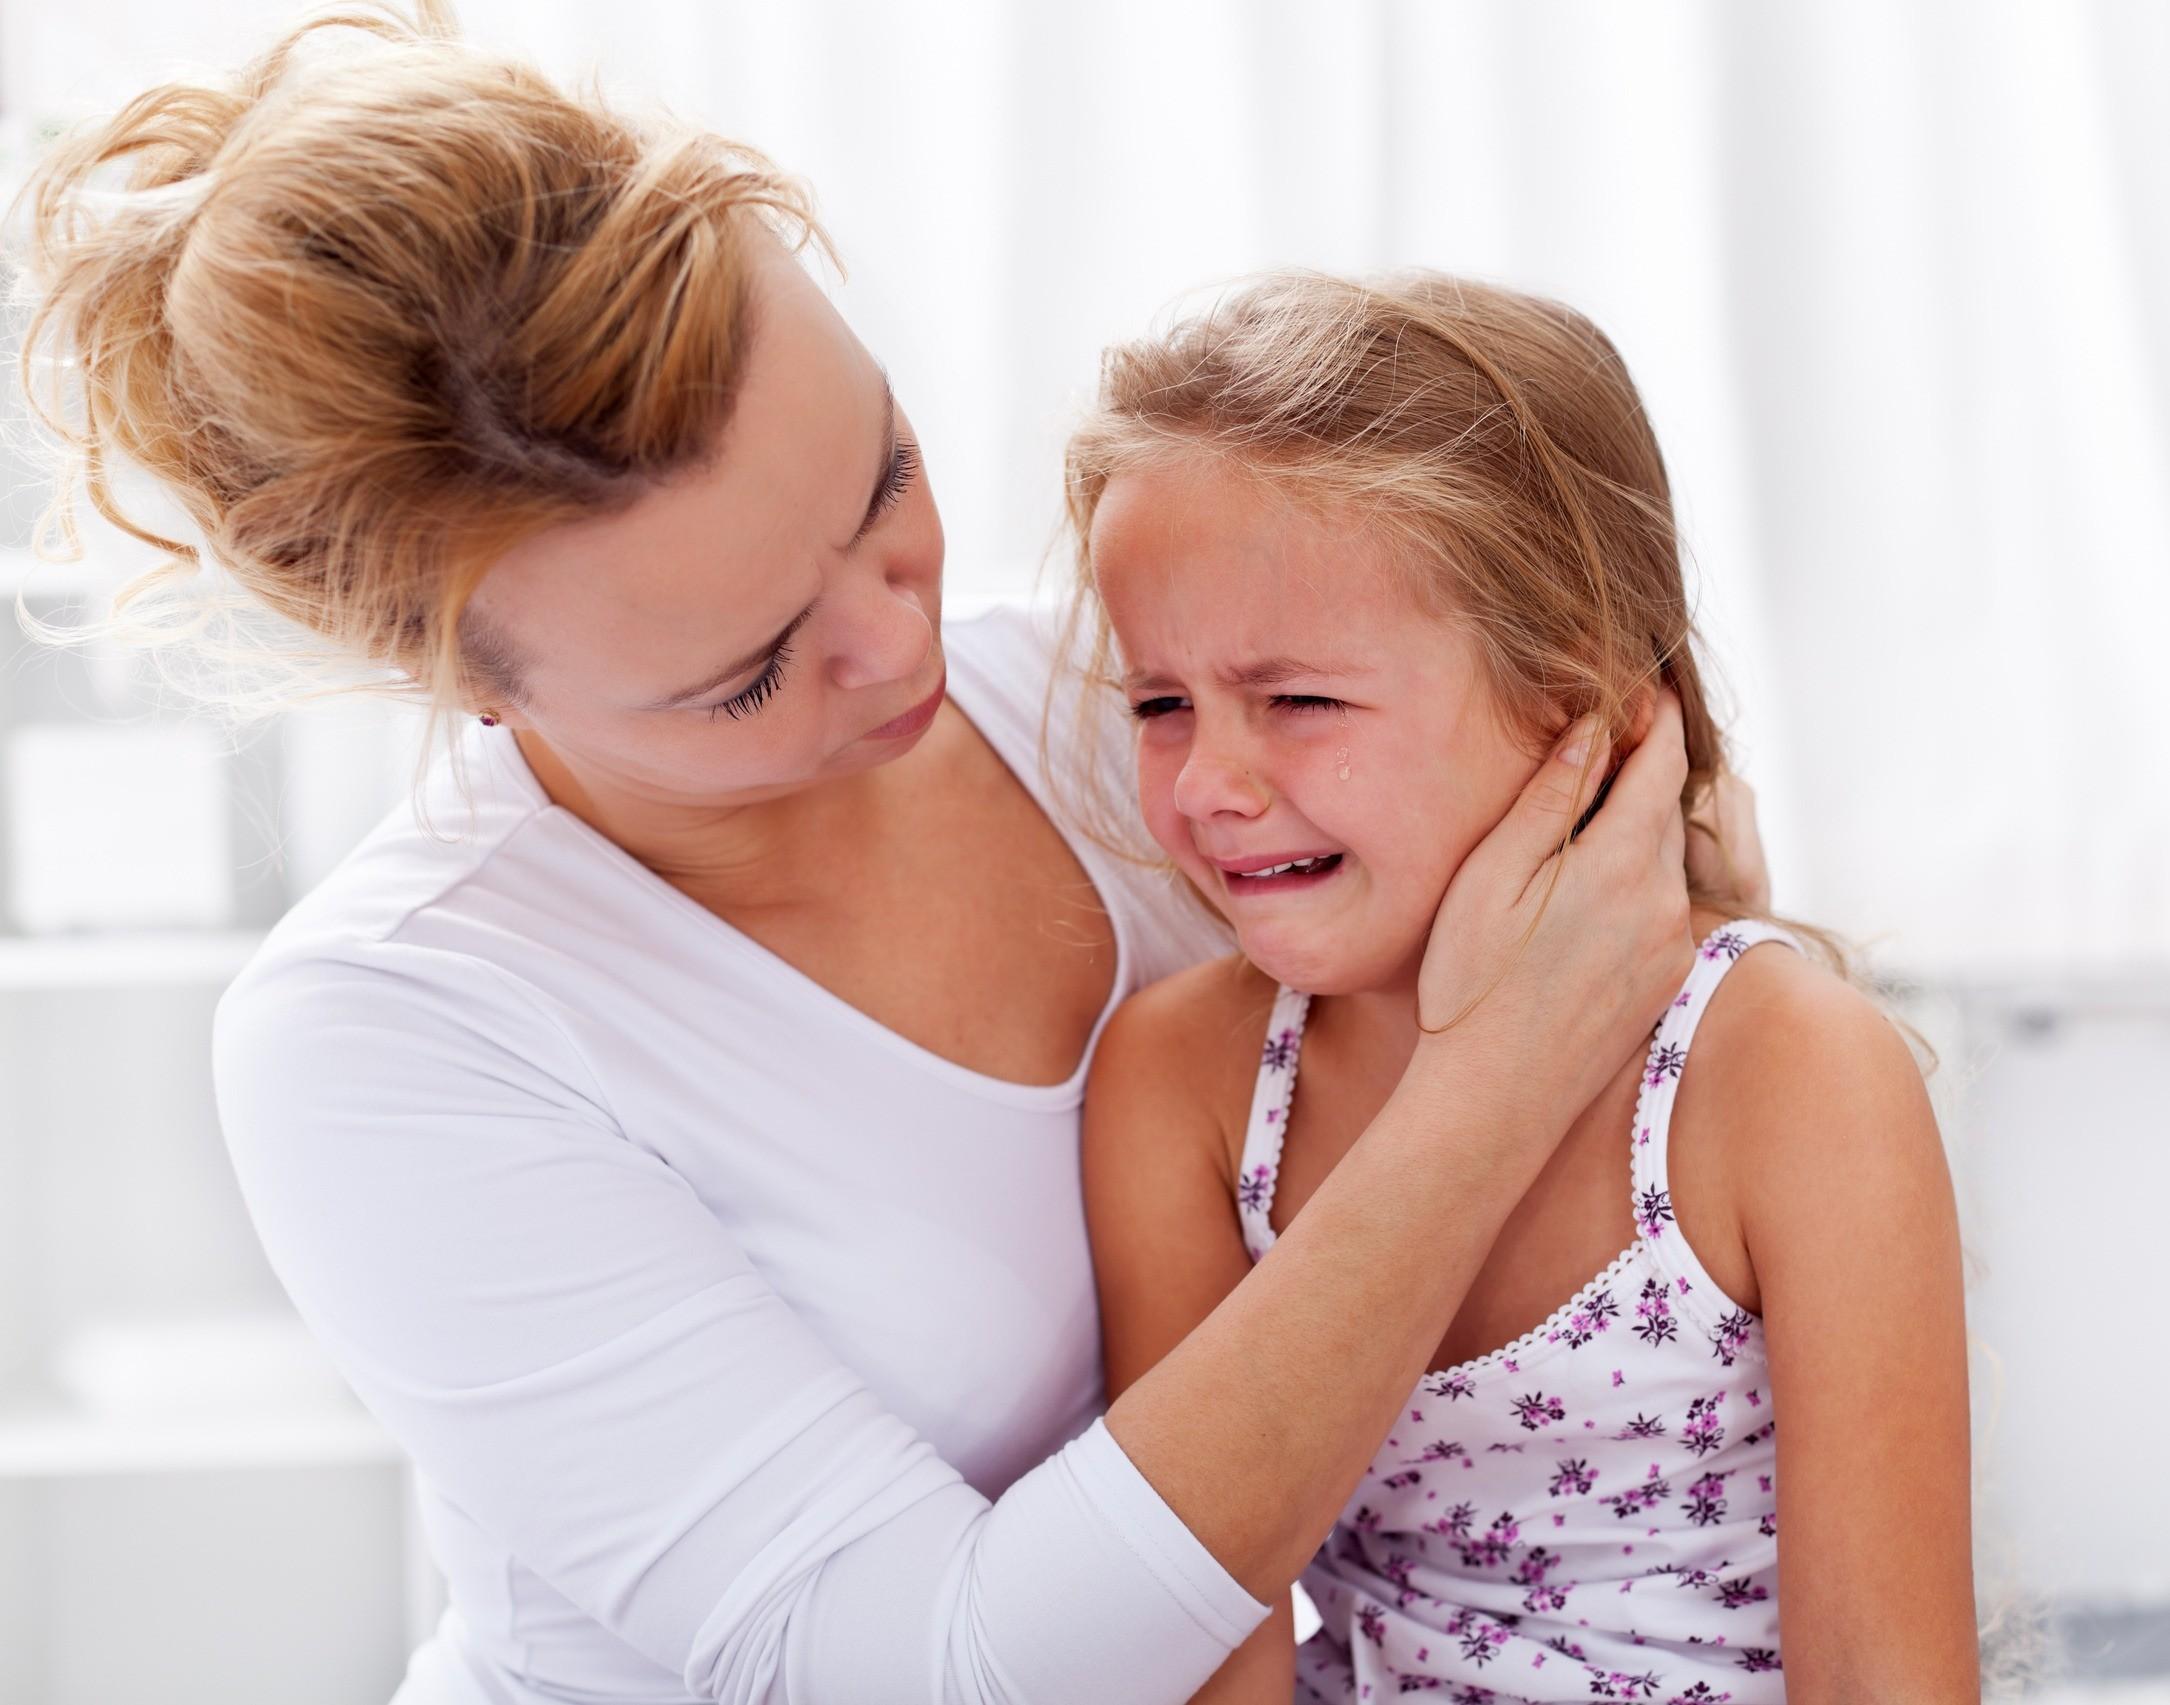 Как распознать аутизм: признаки, которые должны насторожить